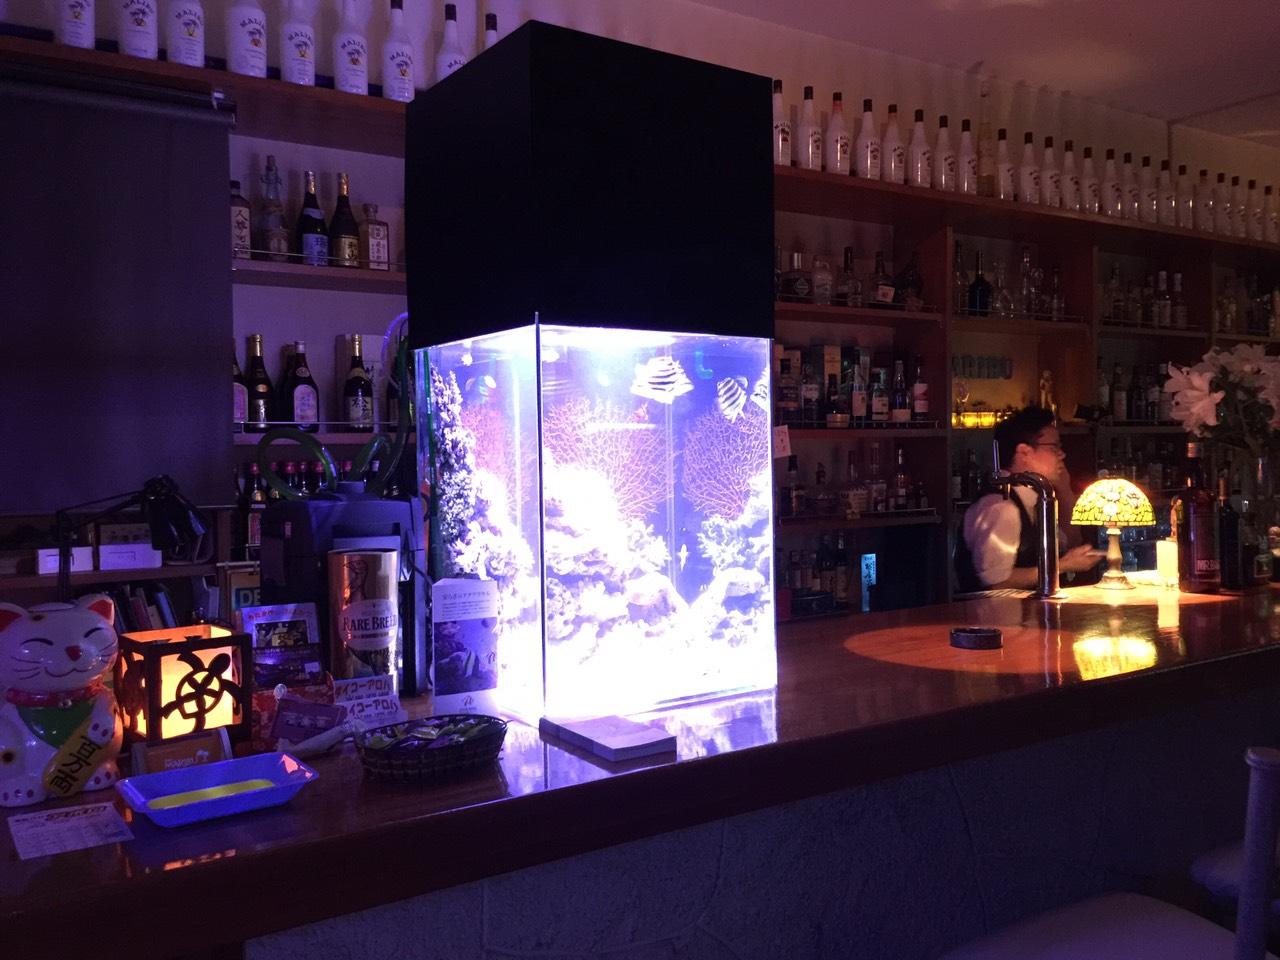 沖縄市美里マリブの水槽1海水魚、熱帯魚